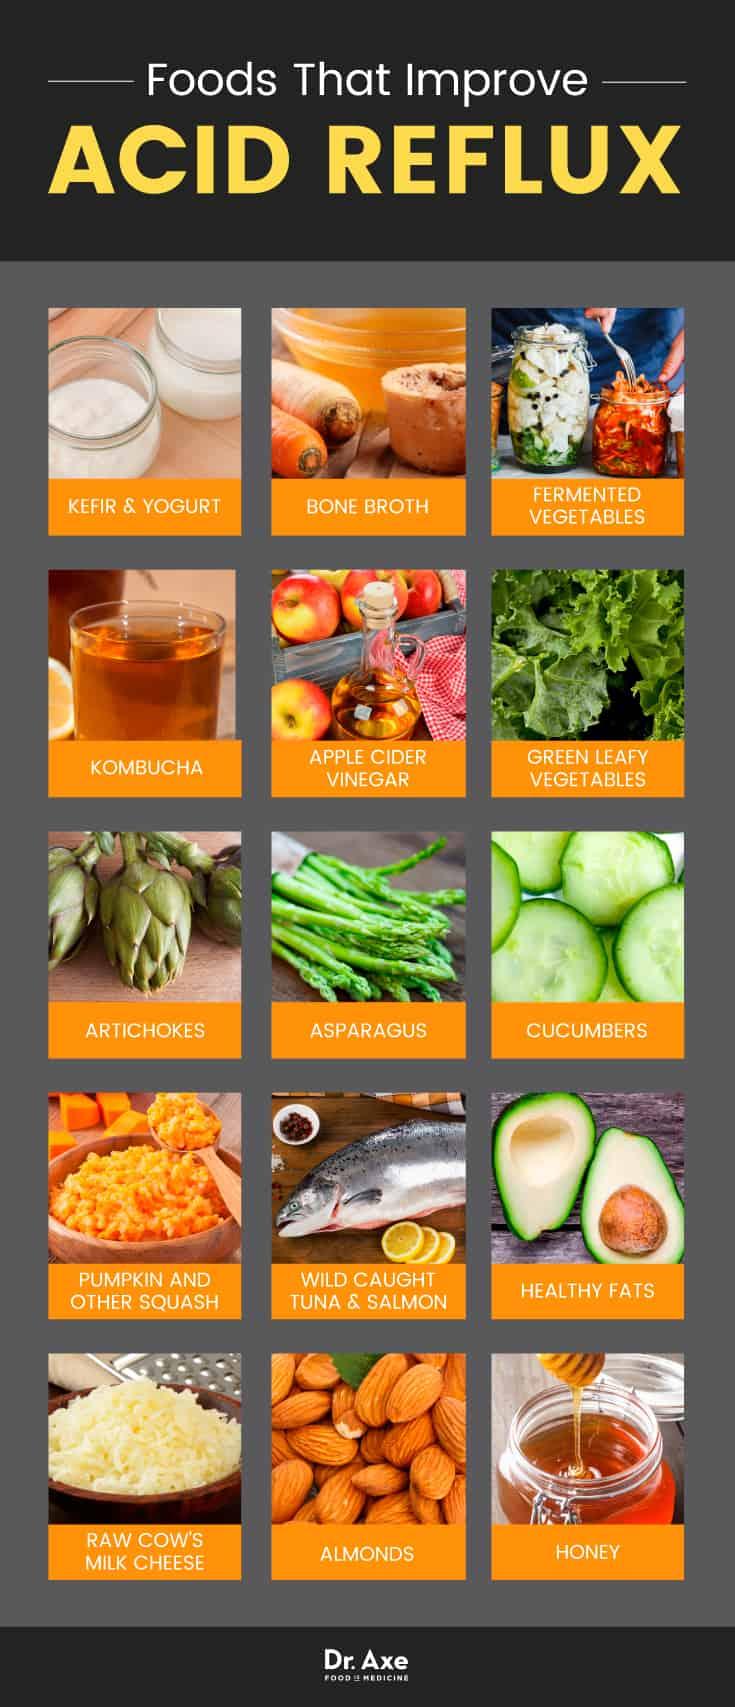 Acid Reflux Symptoms, Diet & Natural Treatment - Dr. Axe